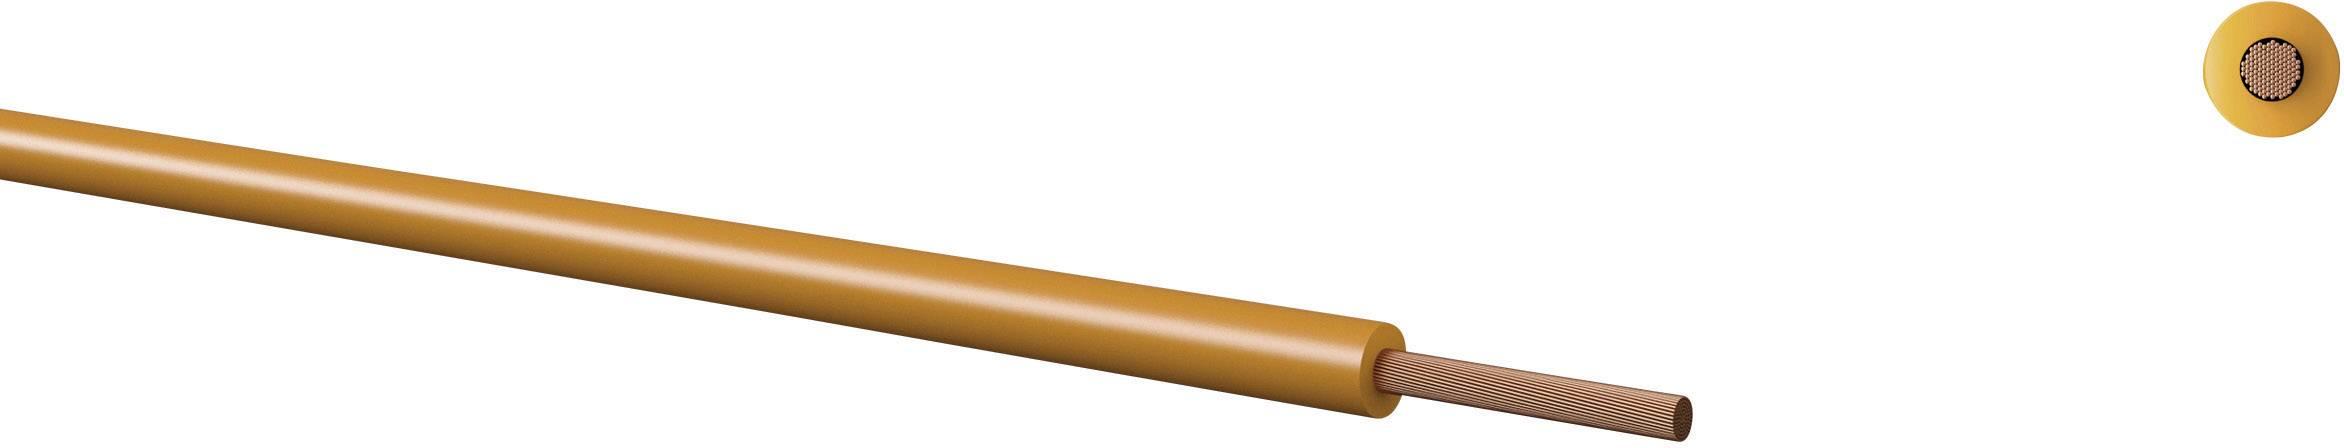 Opletenie / lanko Kabeltronik 160107505 LiFY, 1 x 0.75 mm², vonkajší Ø 2.20 mm, metrový tovar, sivá